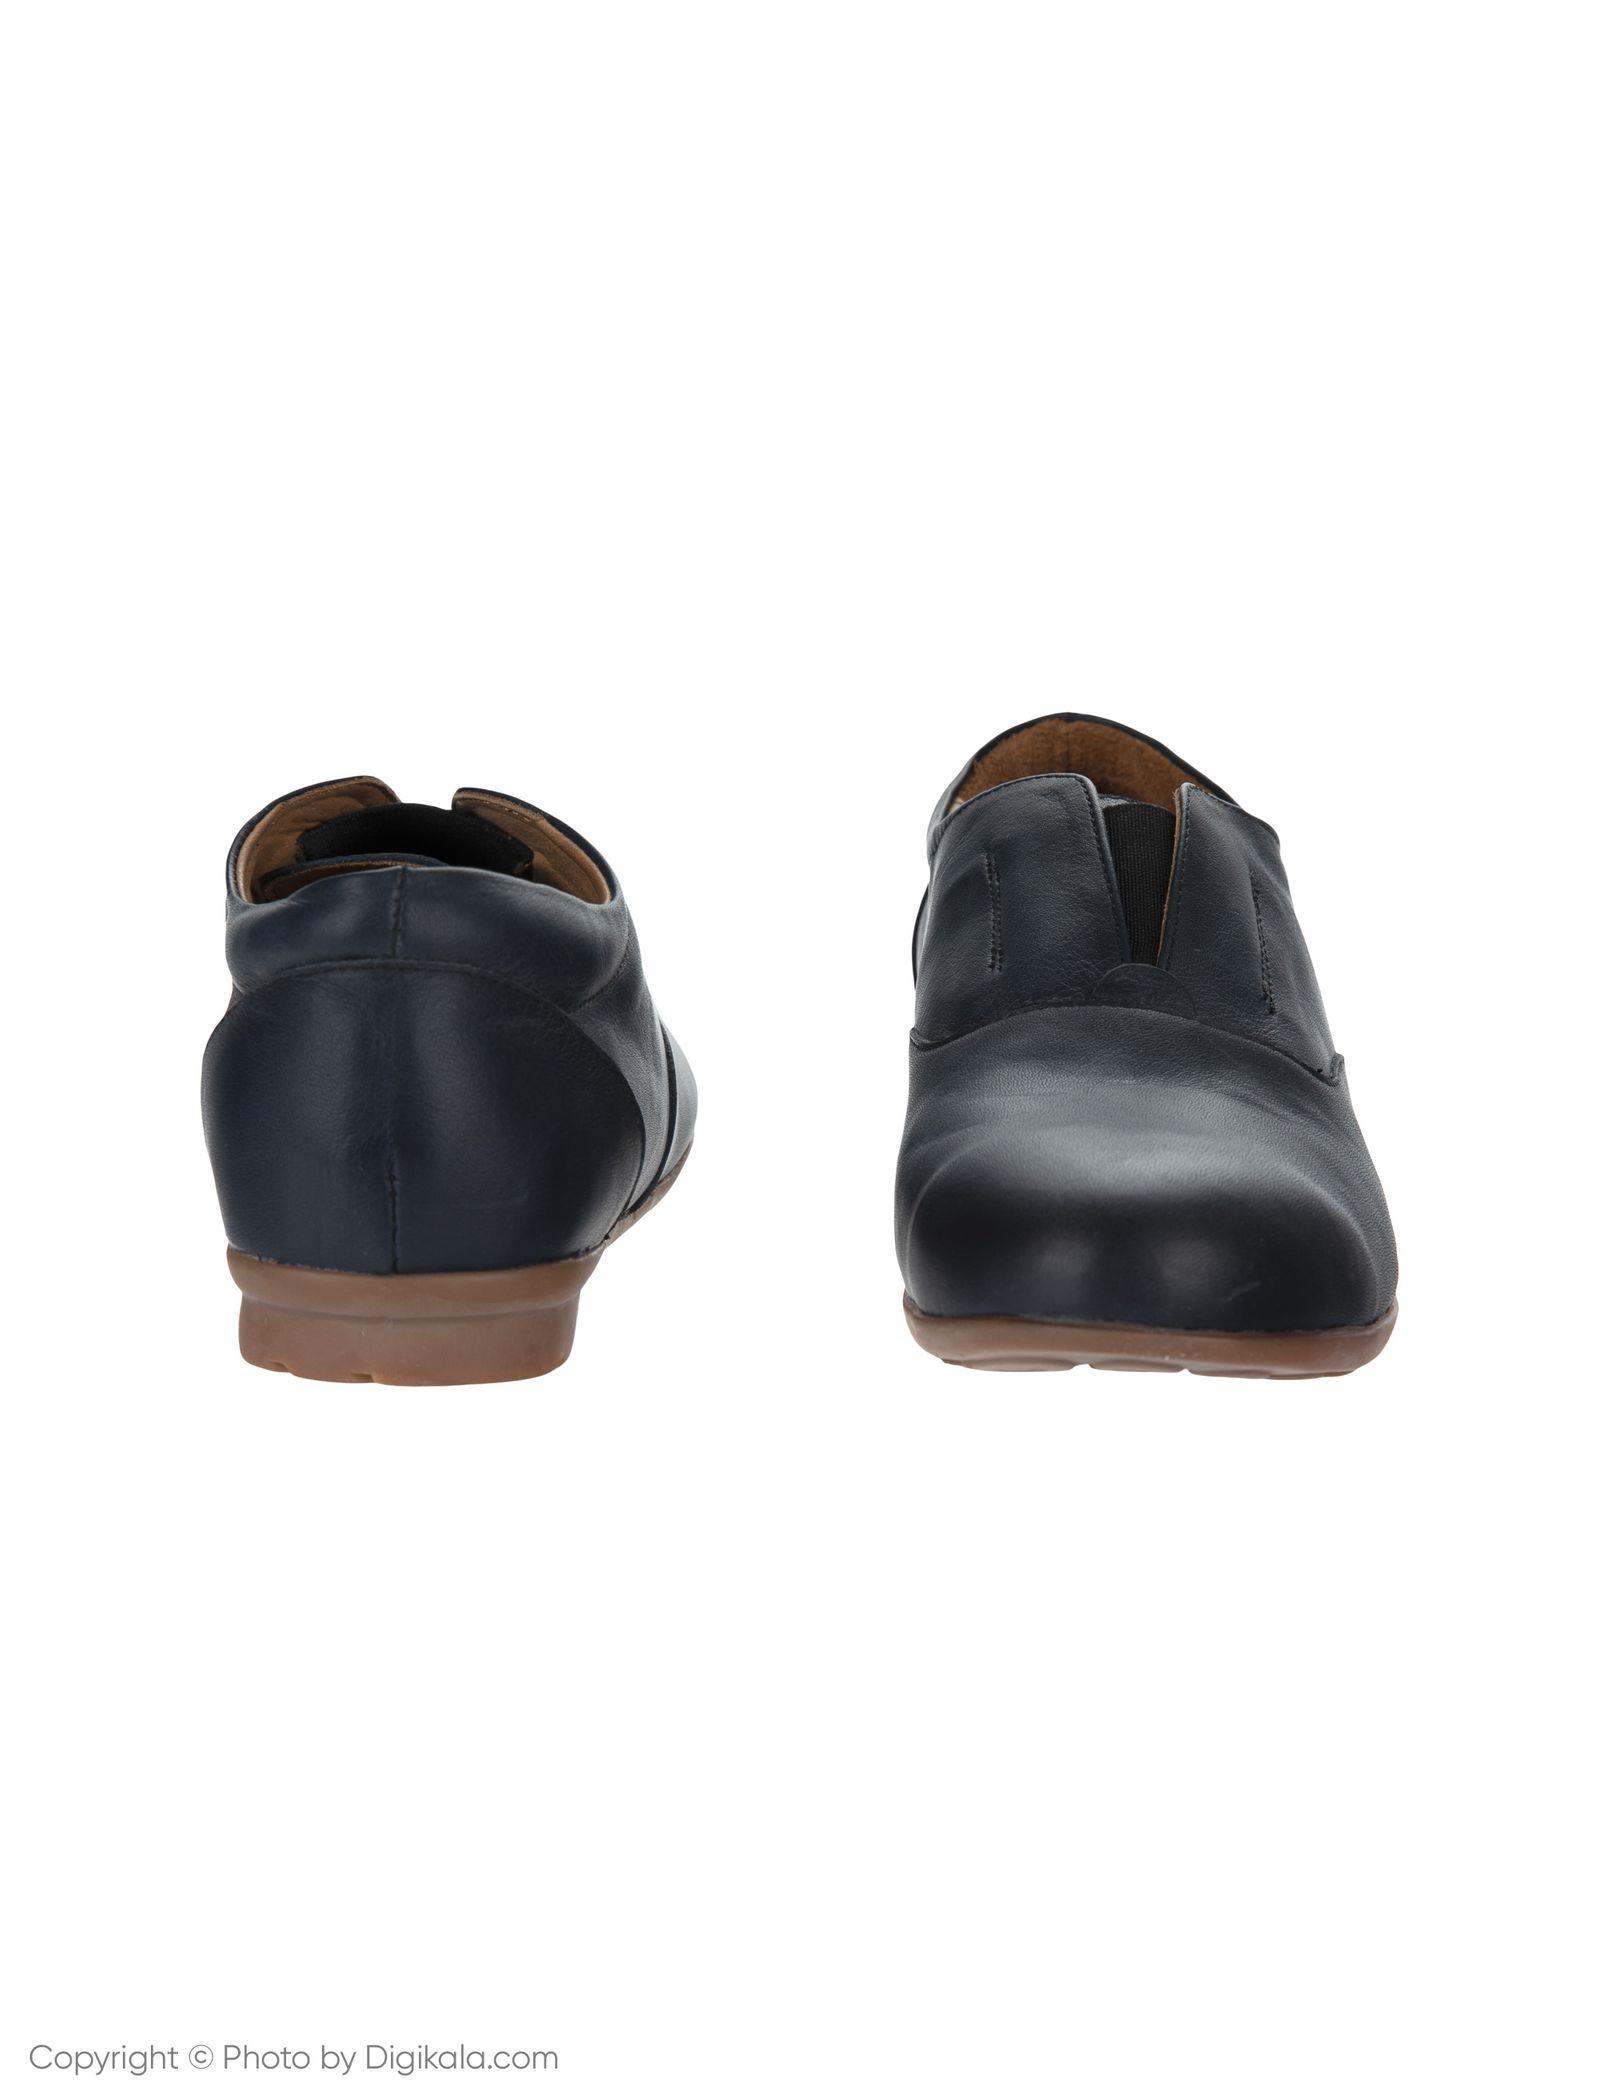 کفش روزمره زنانه دلفارد مدل DL5166A500-103 -  - 4